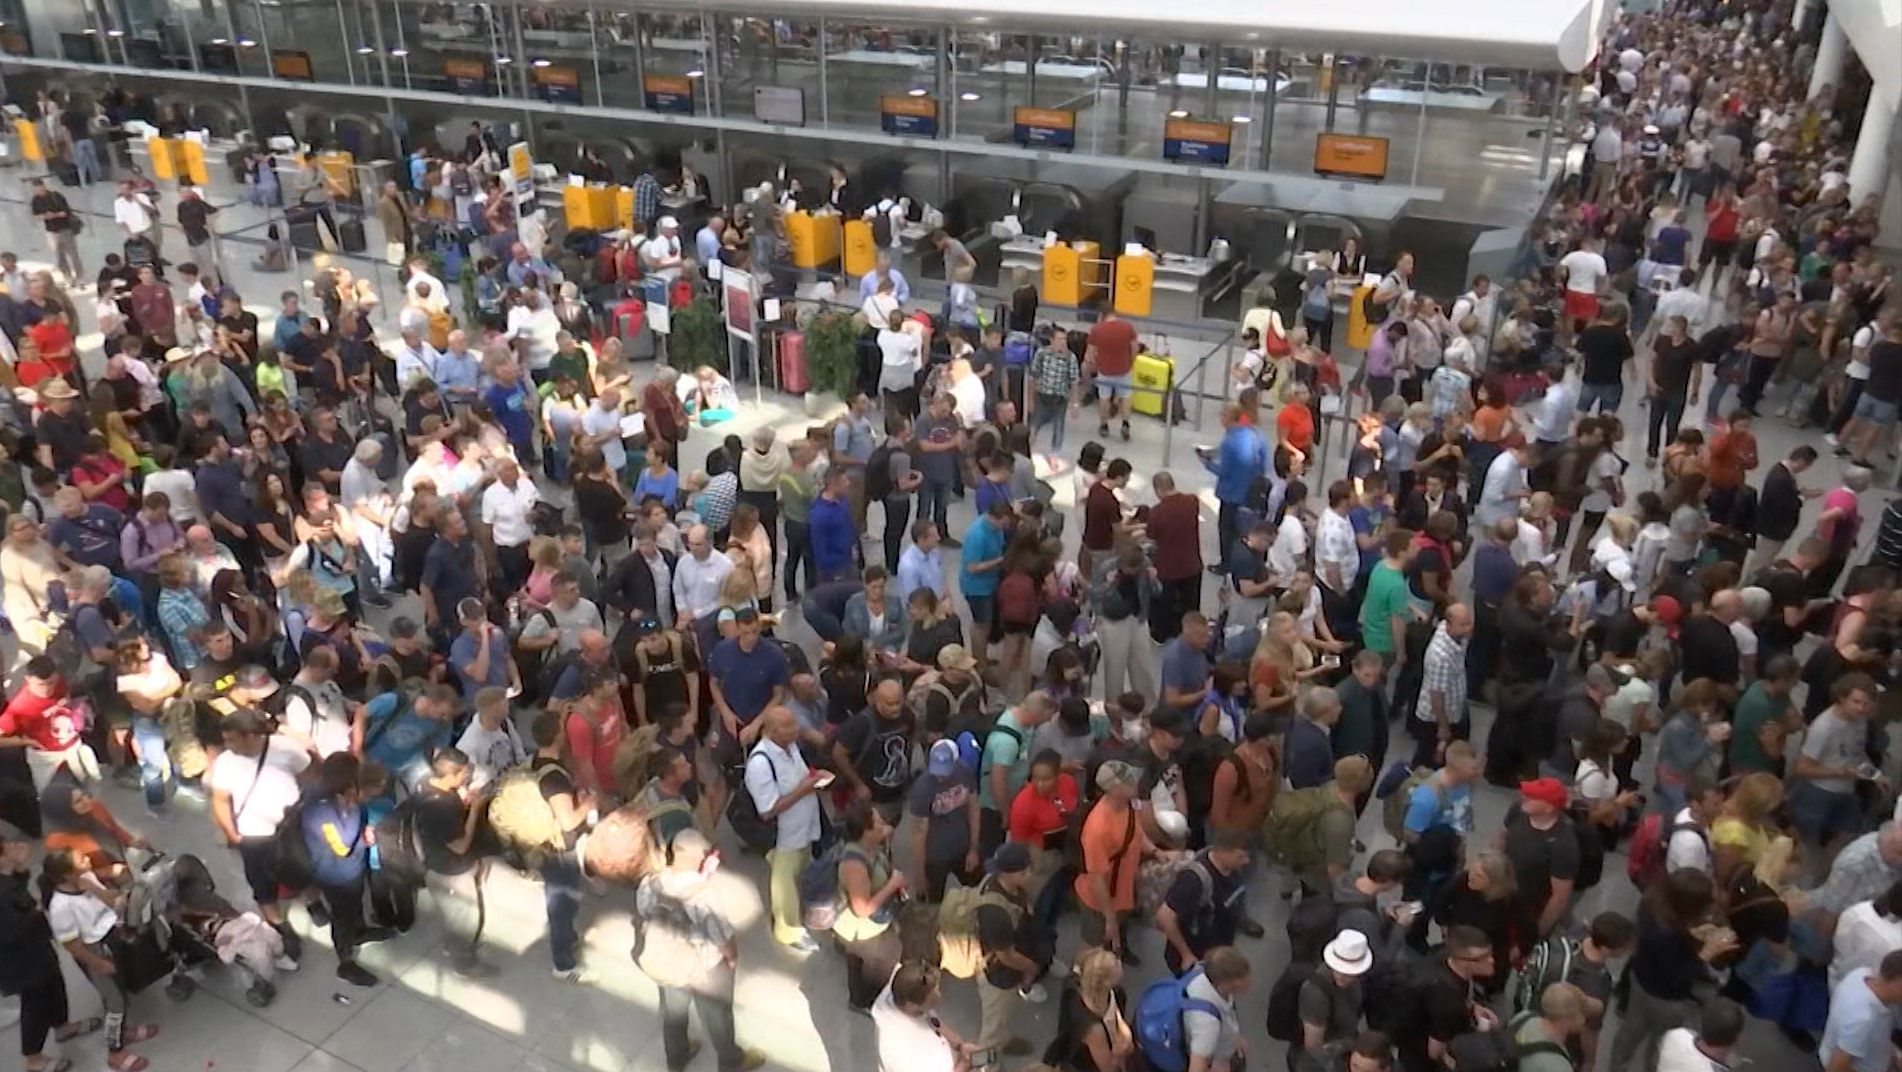 Fast 20.000 Menschen sind am 27.08.19 am Flughafen München gestrandet, weil ein Passagier beim Umstieg in den Sicherheitsbereich gelangt war.